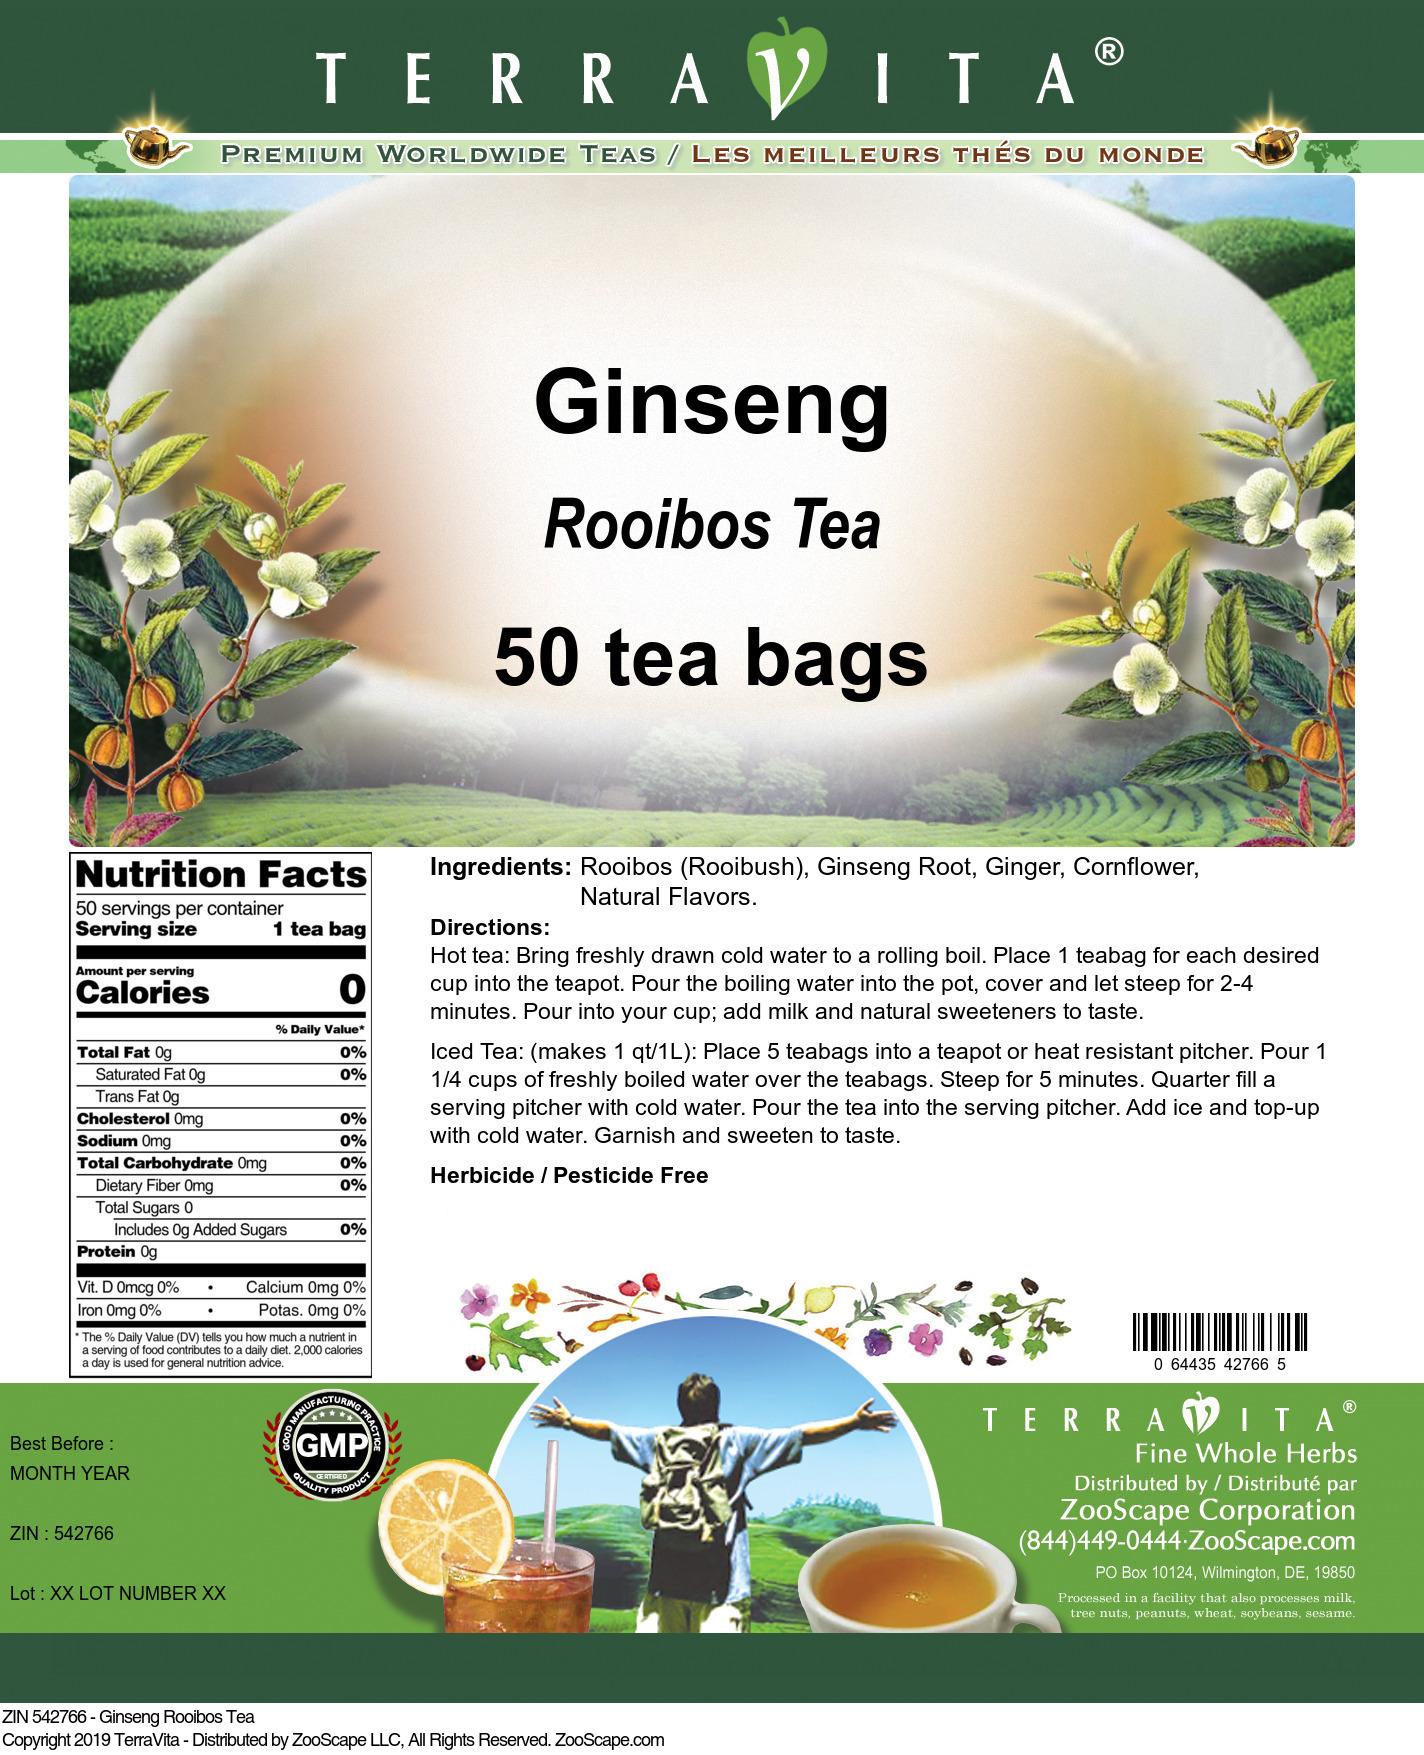 Ginseng Rooibos Tea